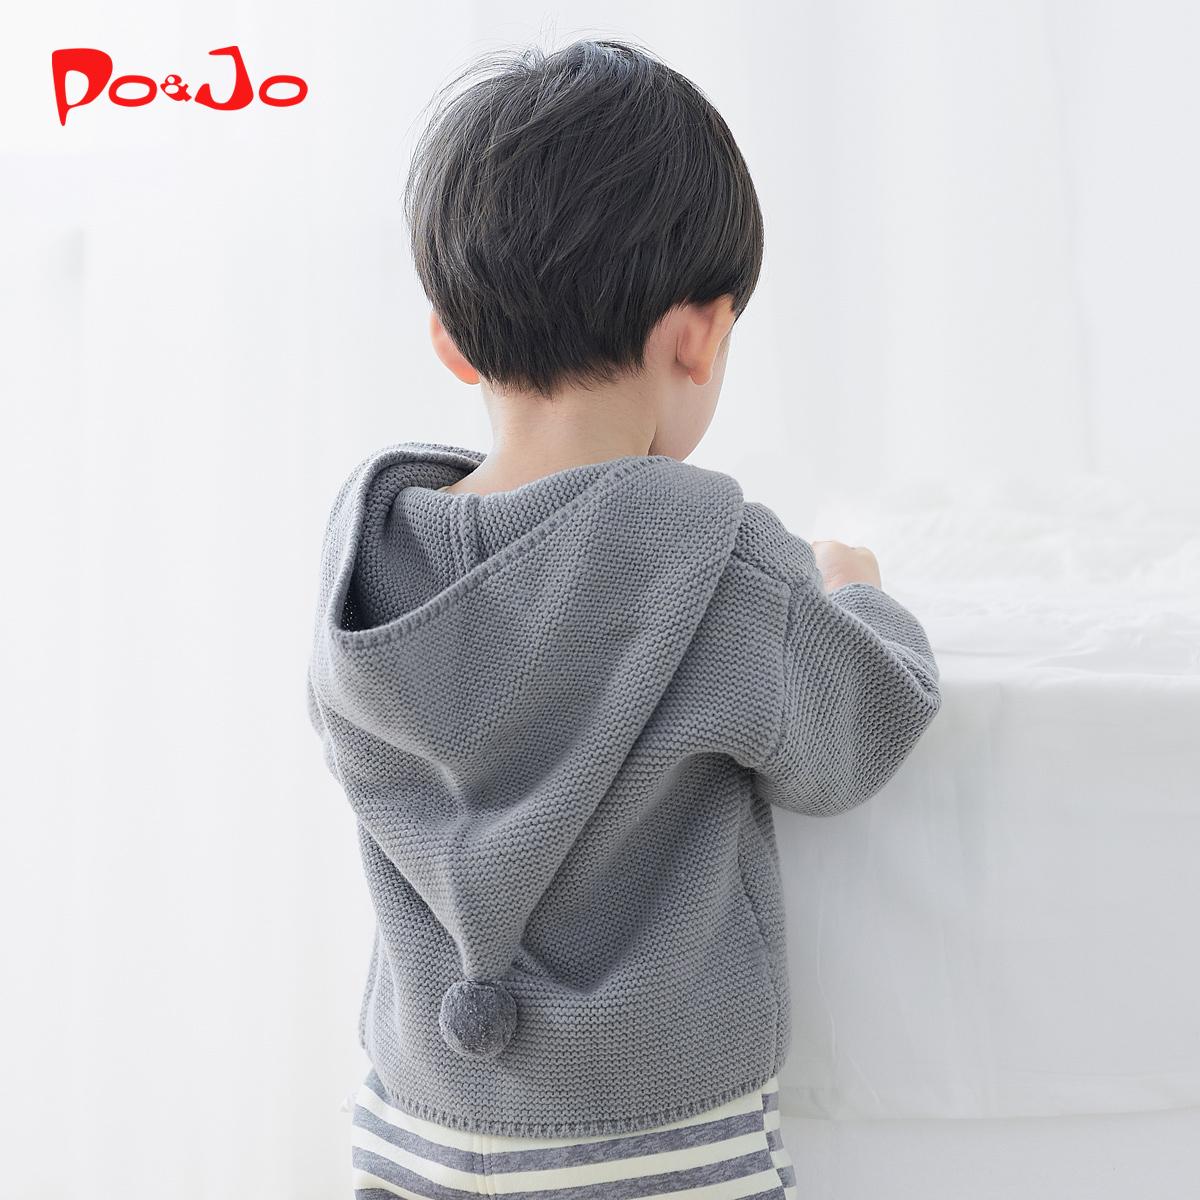 皮偌乔秋装新款婴儿毛衣男宝宝开衫儿童上衣外套针织衫0-4岁春秋